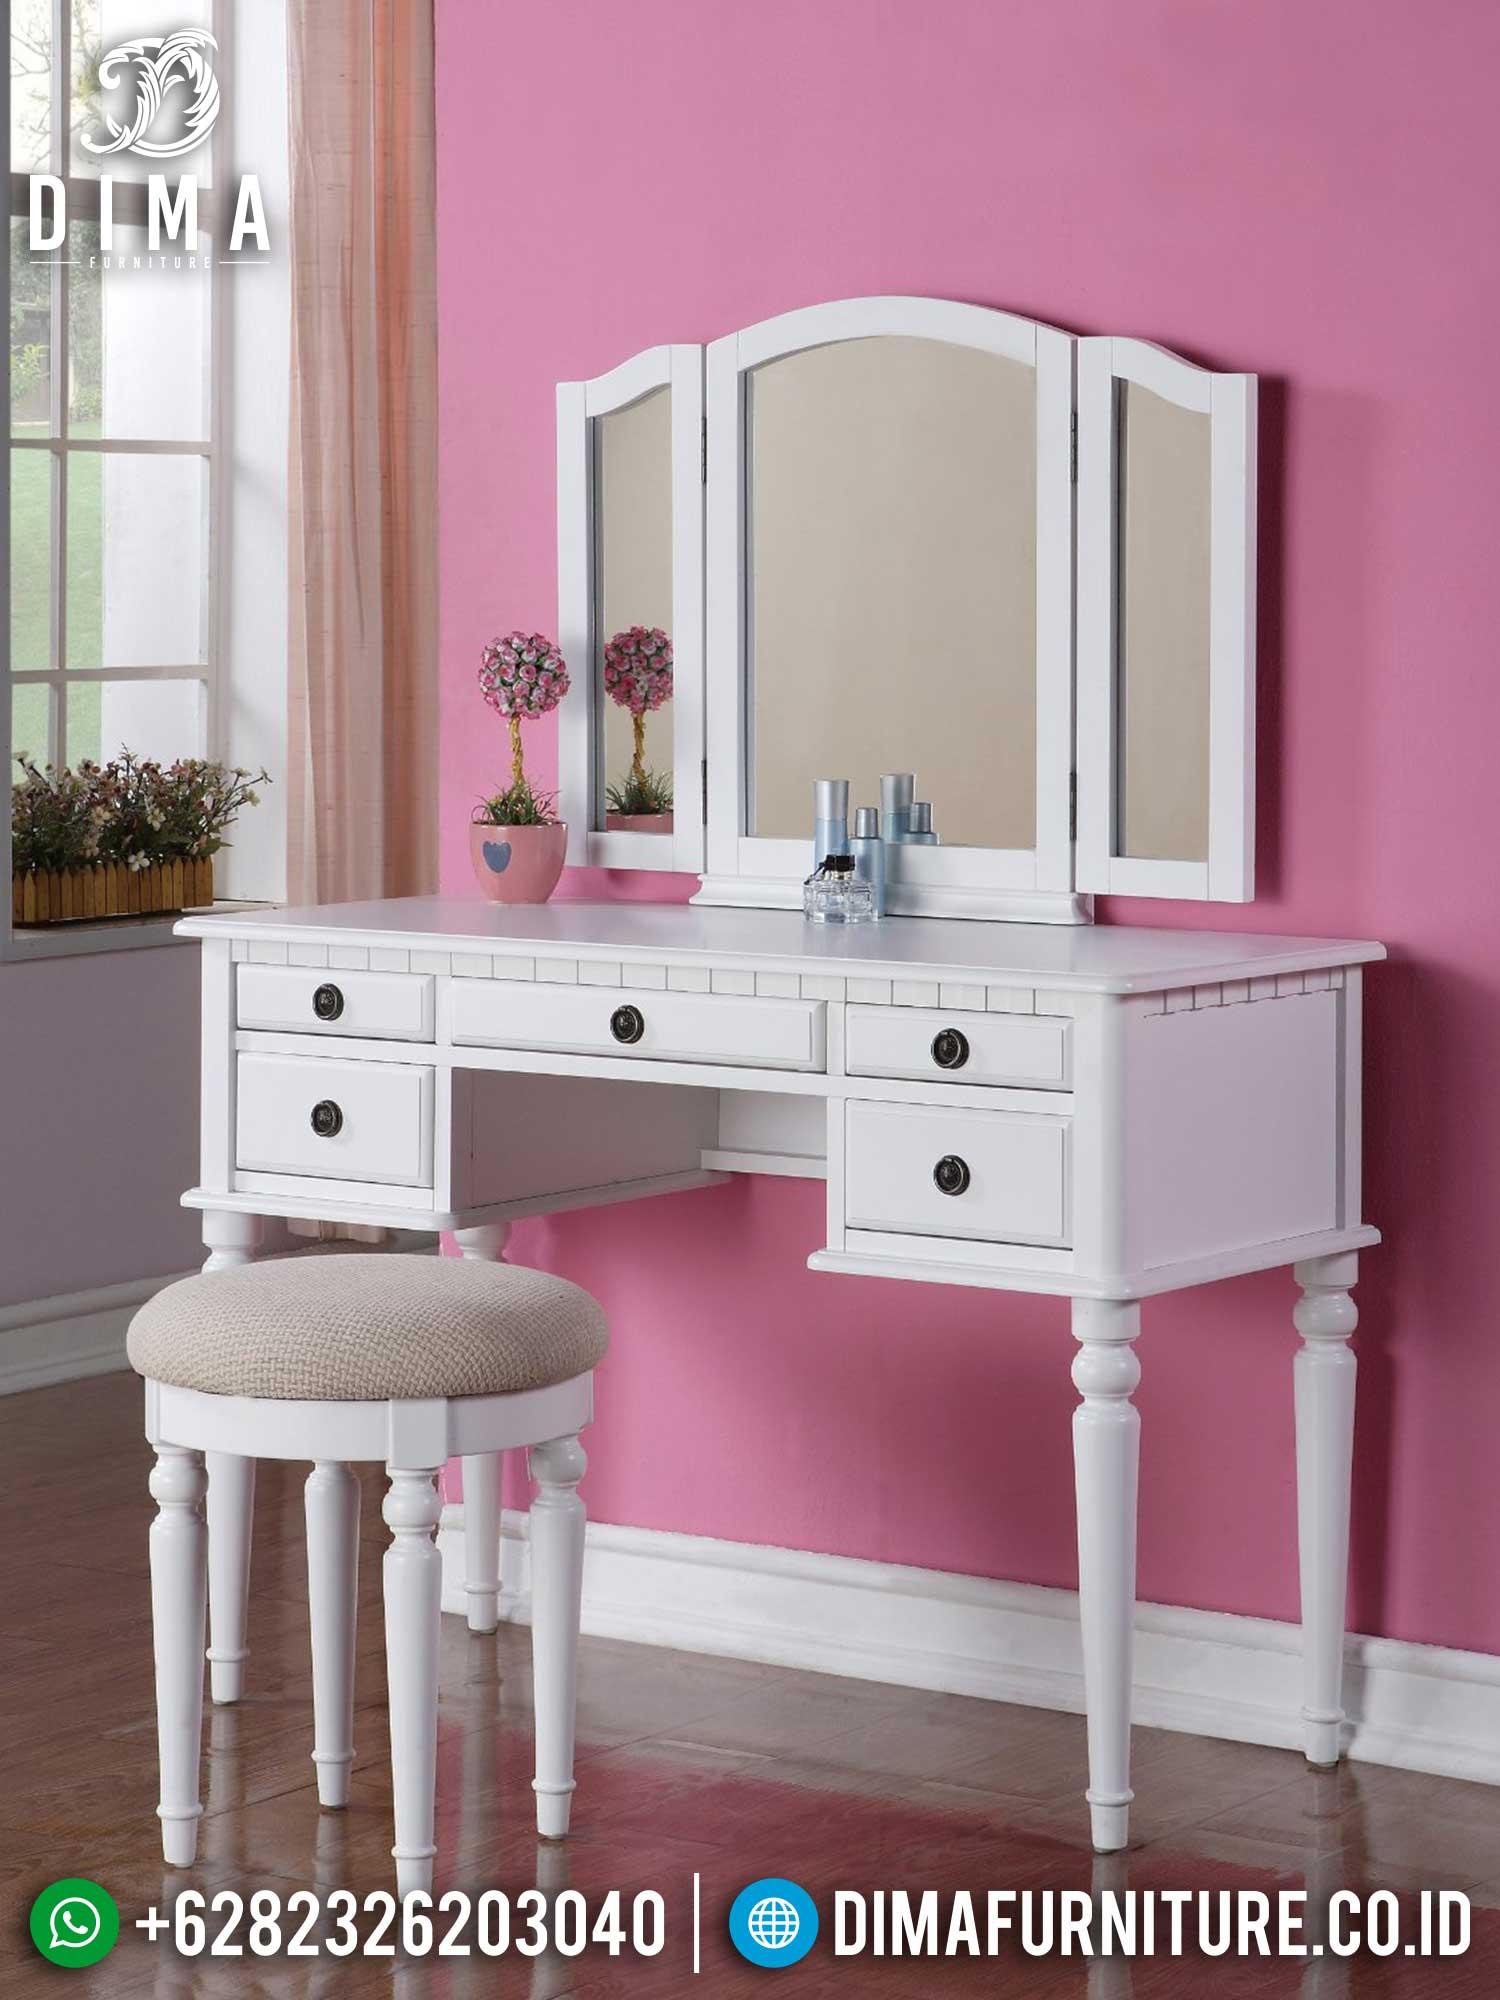 New Meja Rias Minimalis Putih Art Duco Best Quality Item TTJ-1411